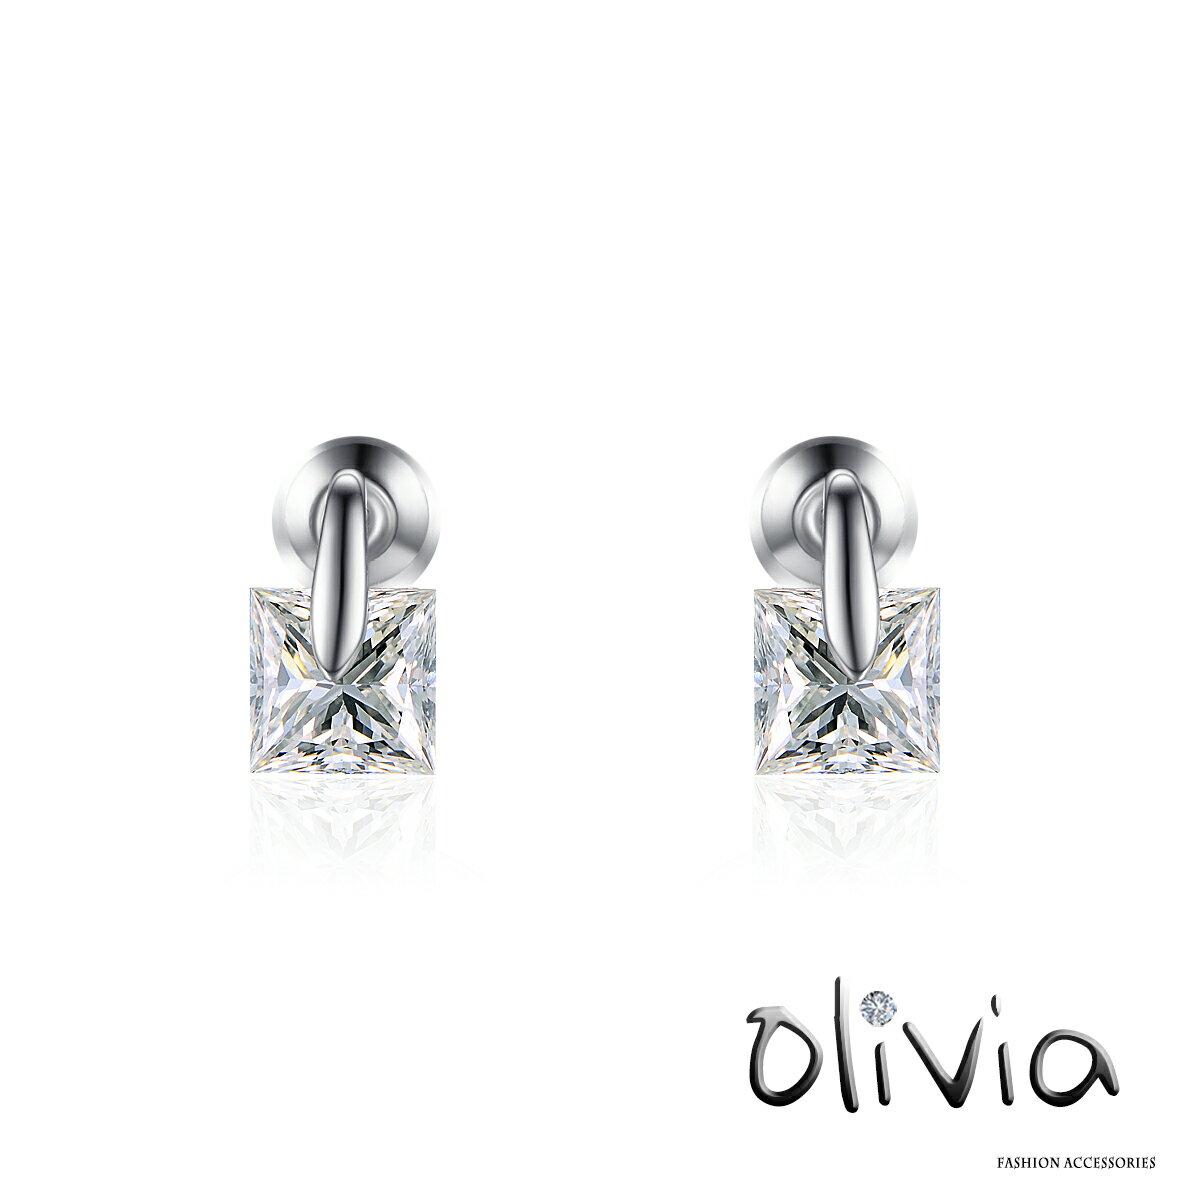 Olivia 耳針耳環 簡約方形鋯石耳針耳環【N00658】